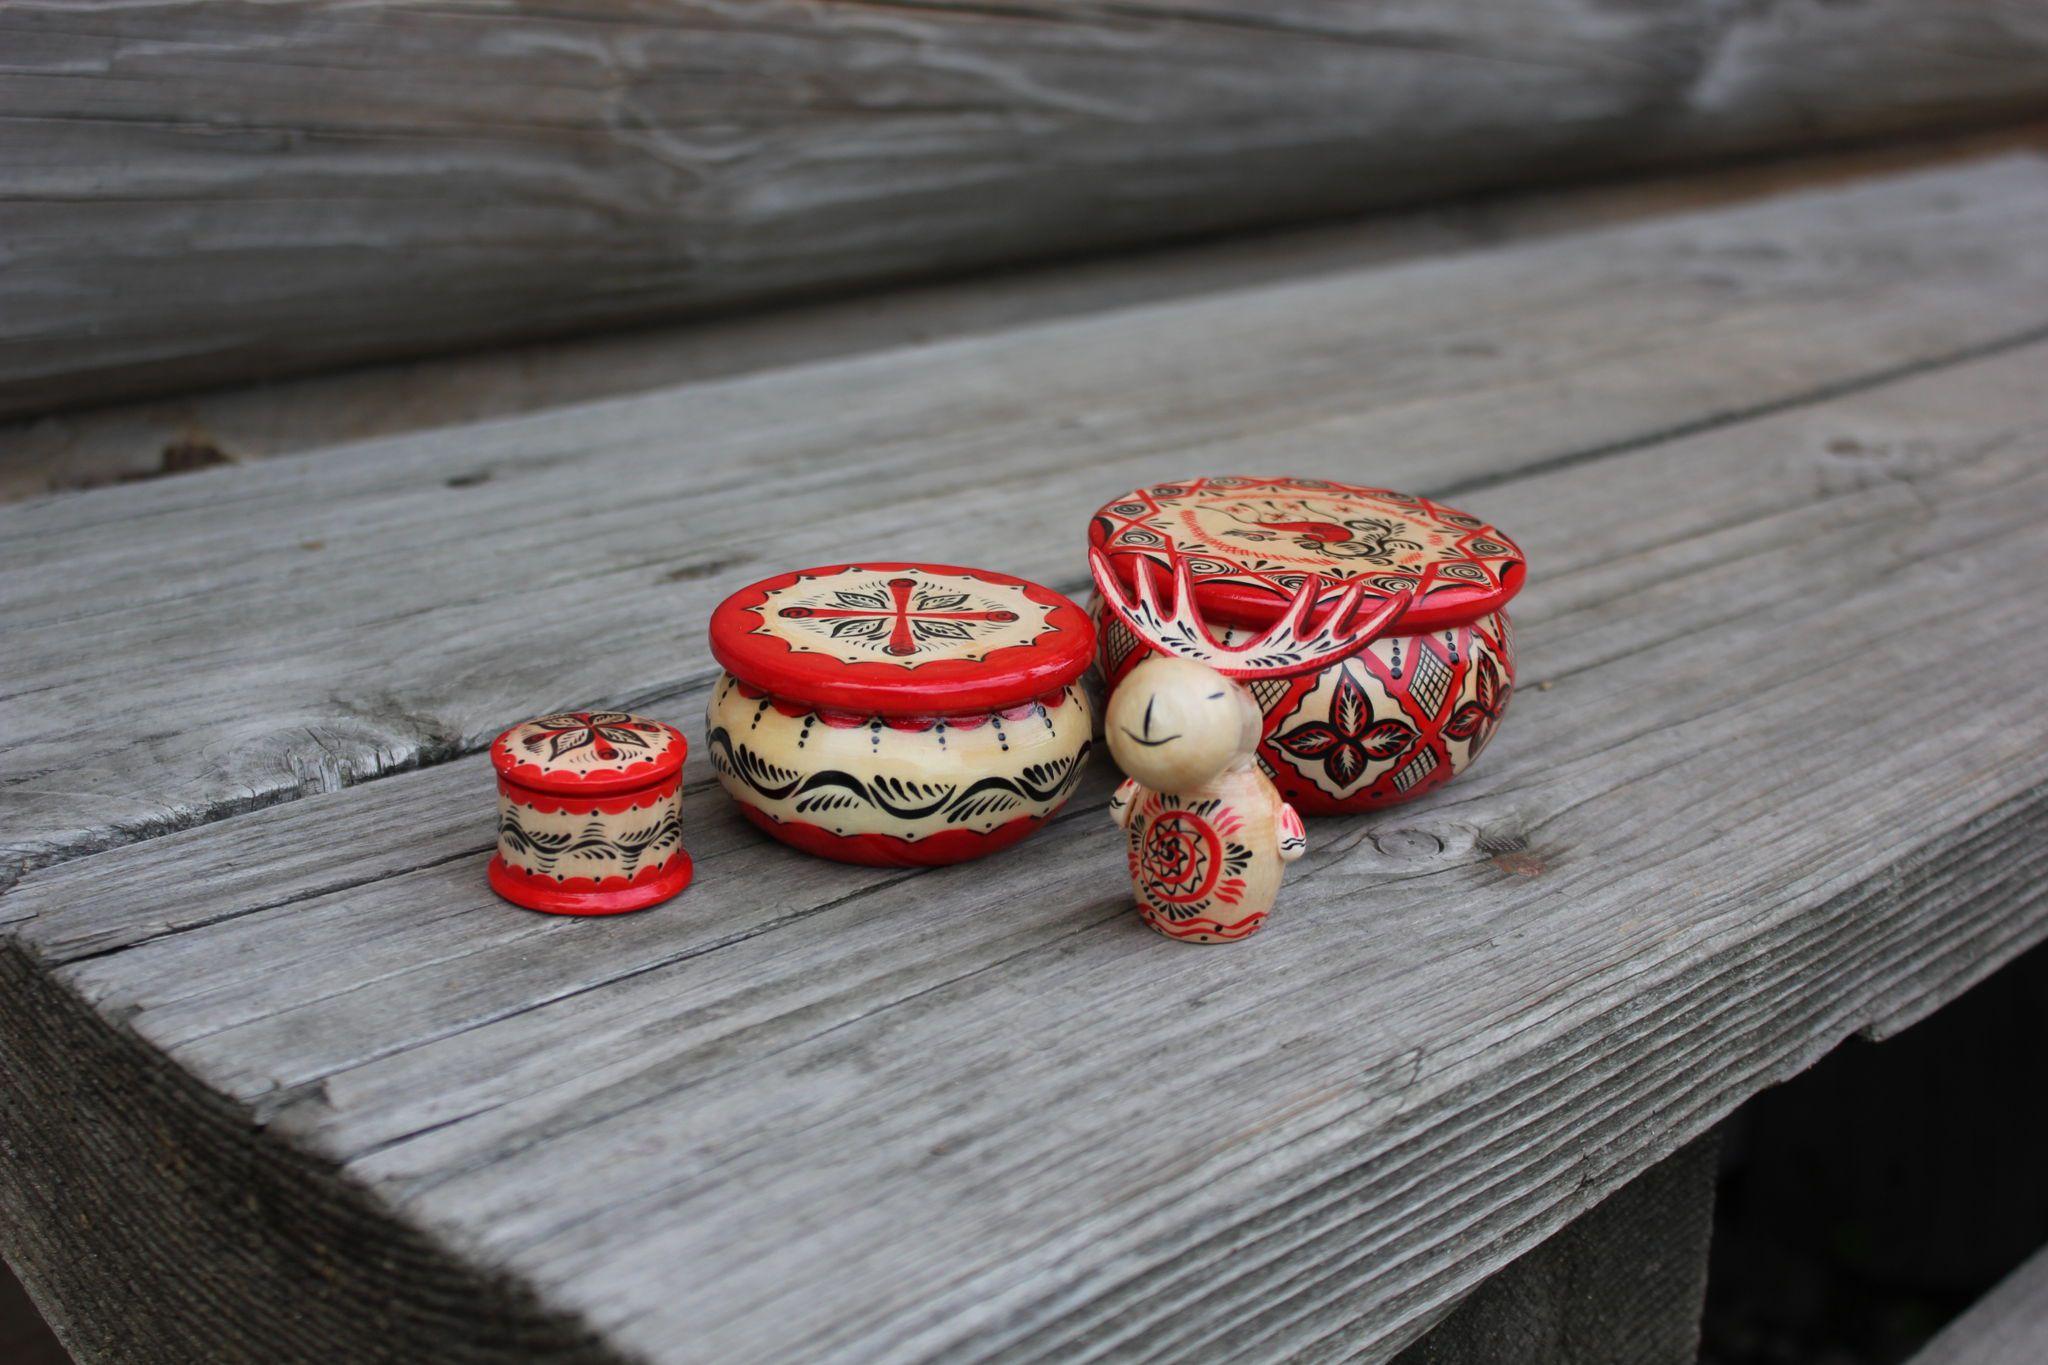 состаривание рисуем кракелюр шкатулка роспись декорирование лак